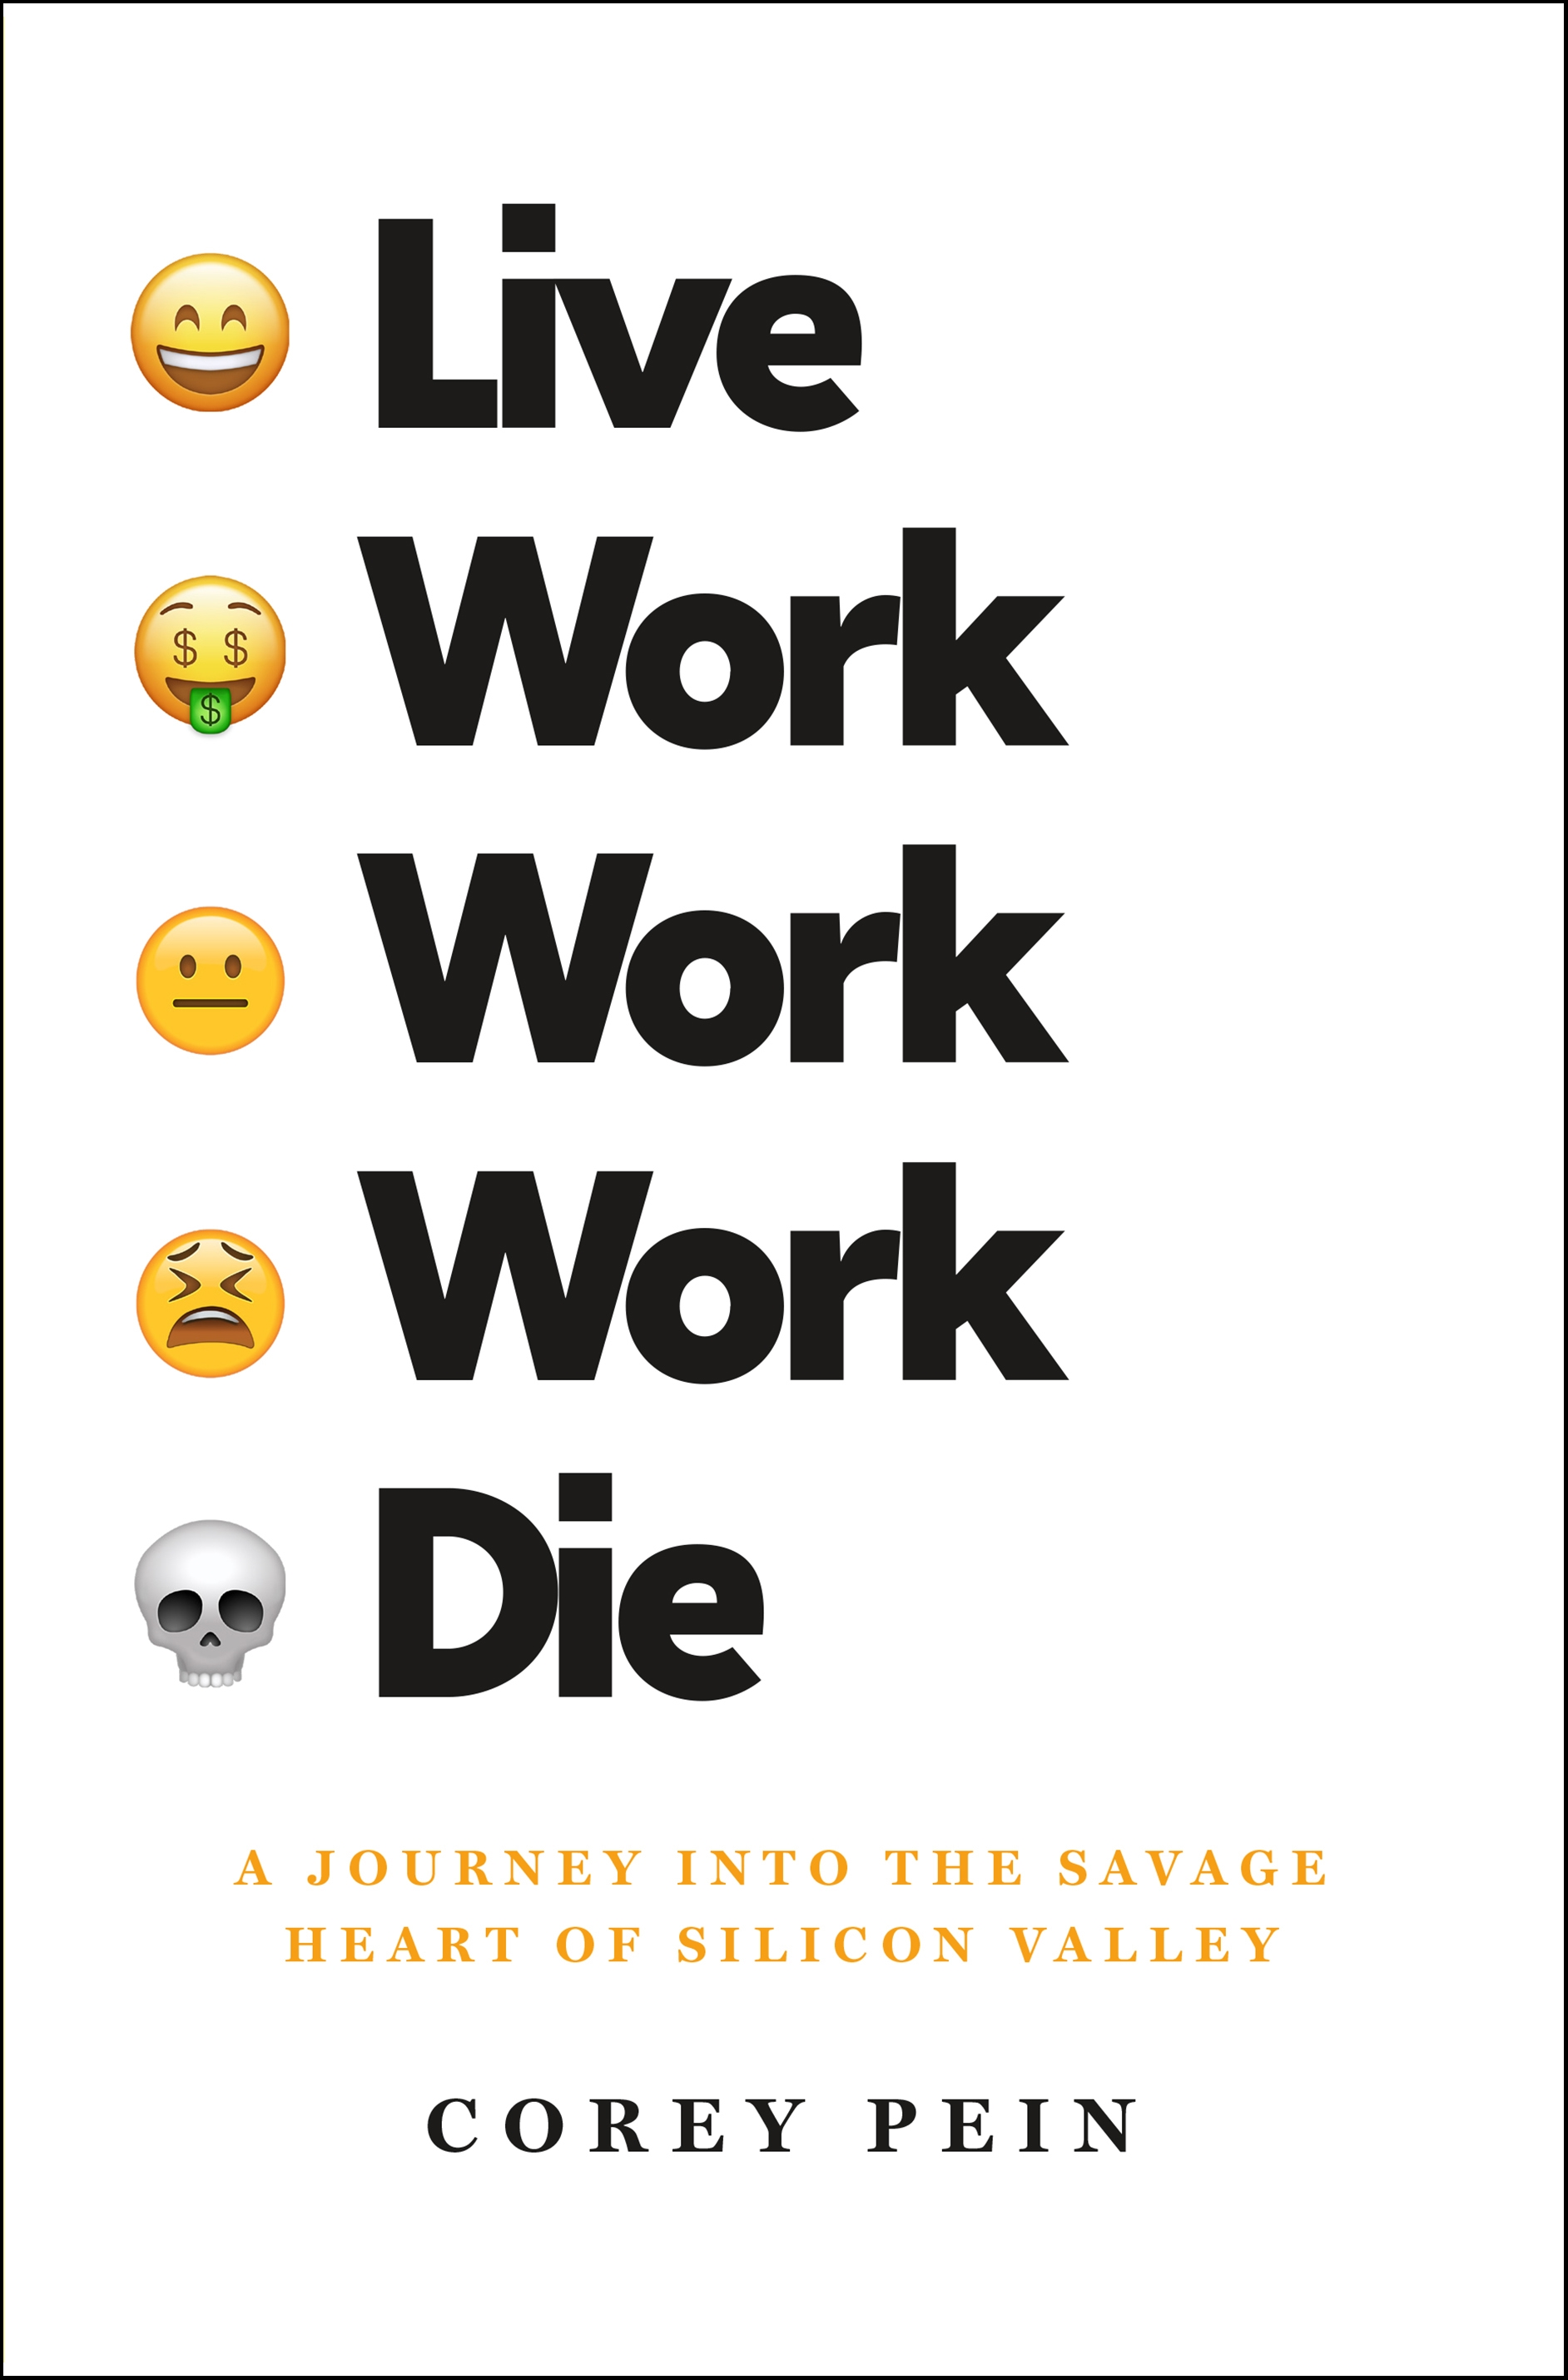 Book Launch: Live Work Work Work Die by Corey Pein